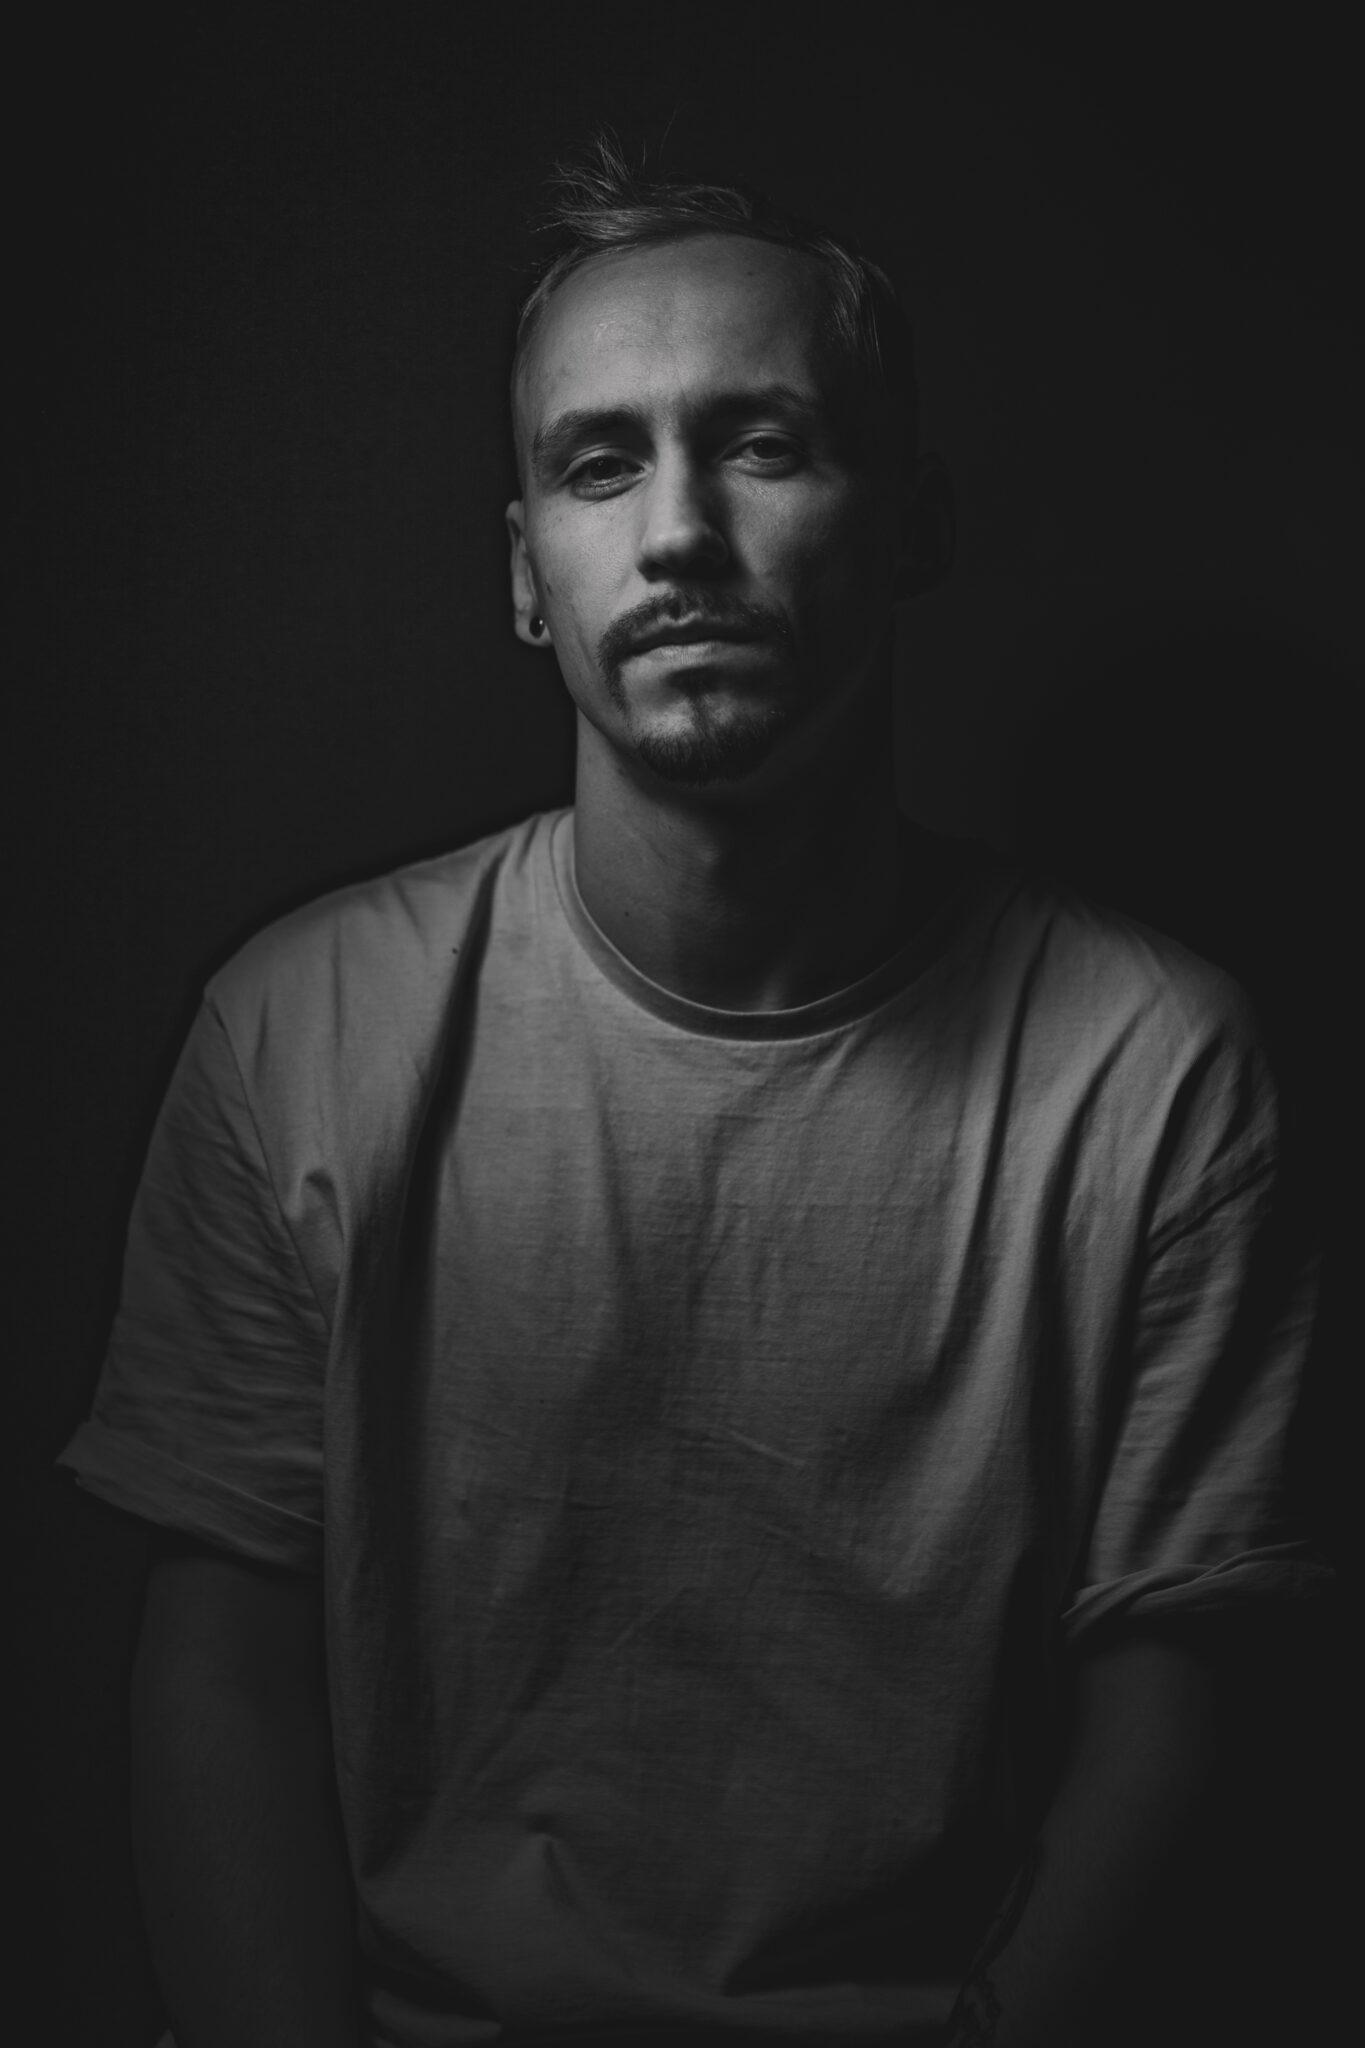 portret_studyjny_męszczyzna